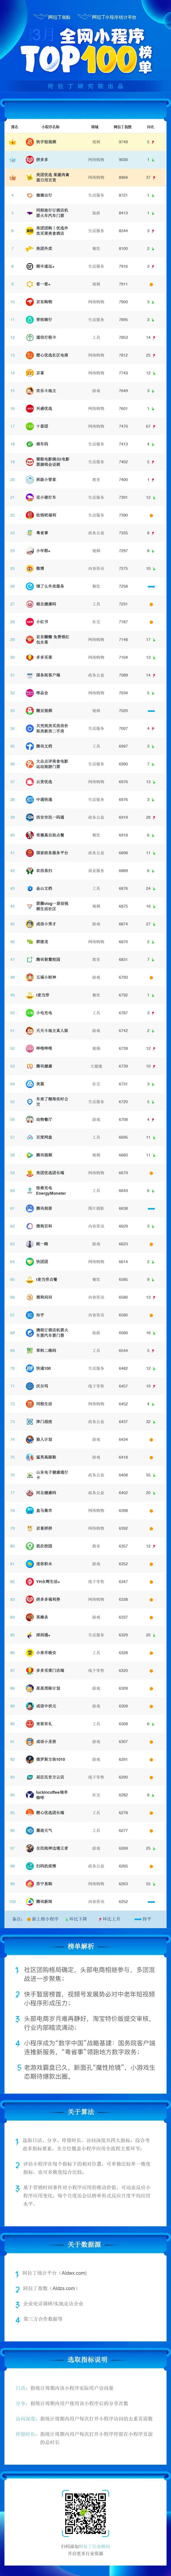 3月阿拉丁全网小程序TOP100完整榜单